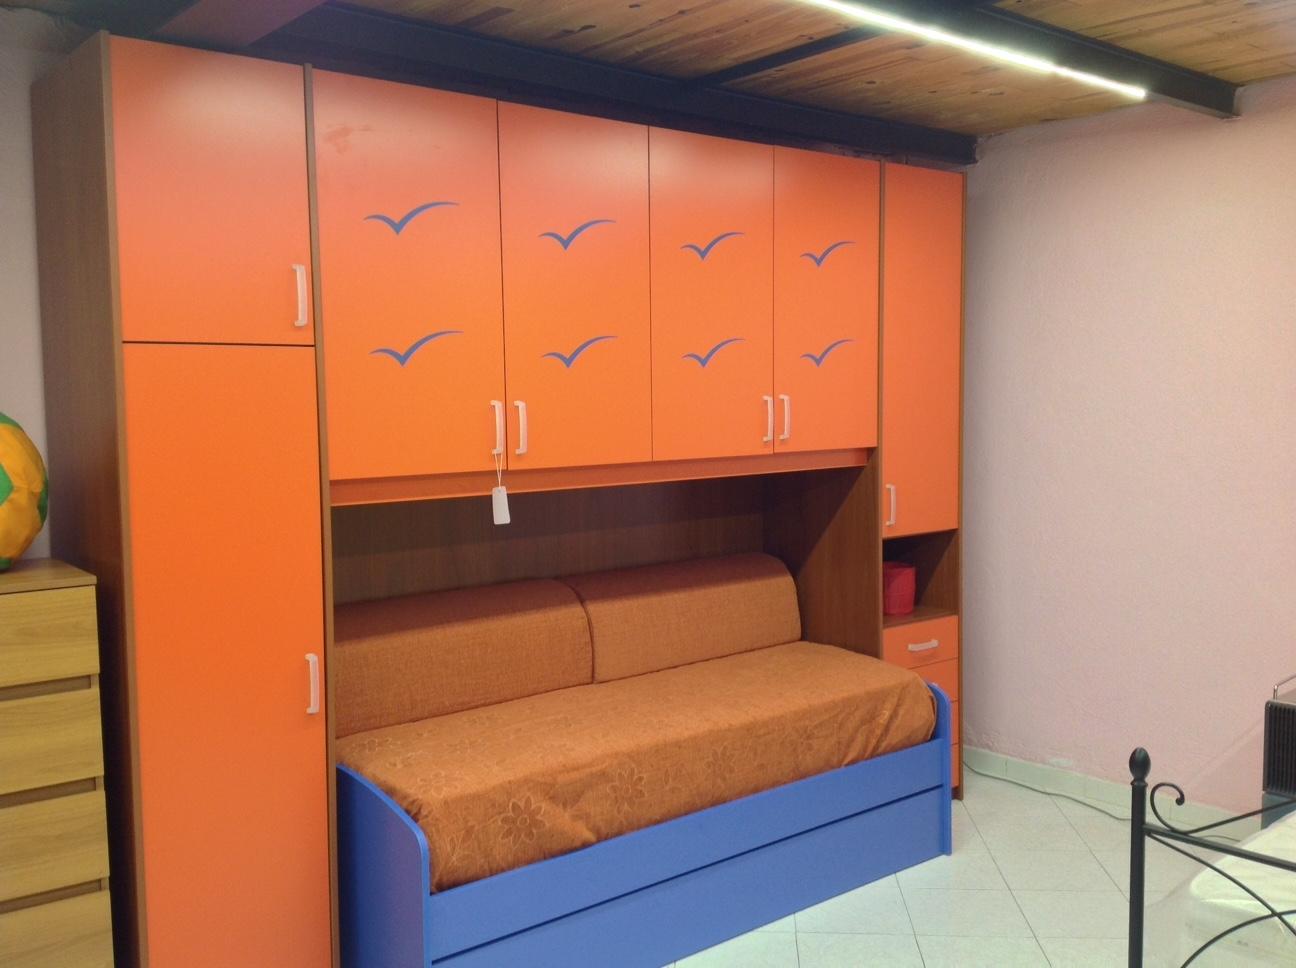 Cameretta Lilla E Arancione : Camerette a ponte arancio e verde: cameretta a ponte per ragazzi